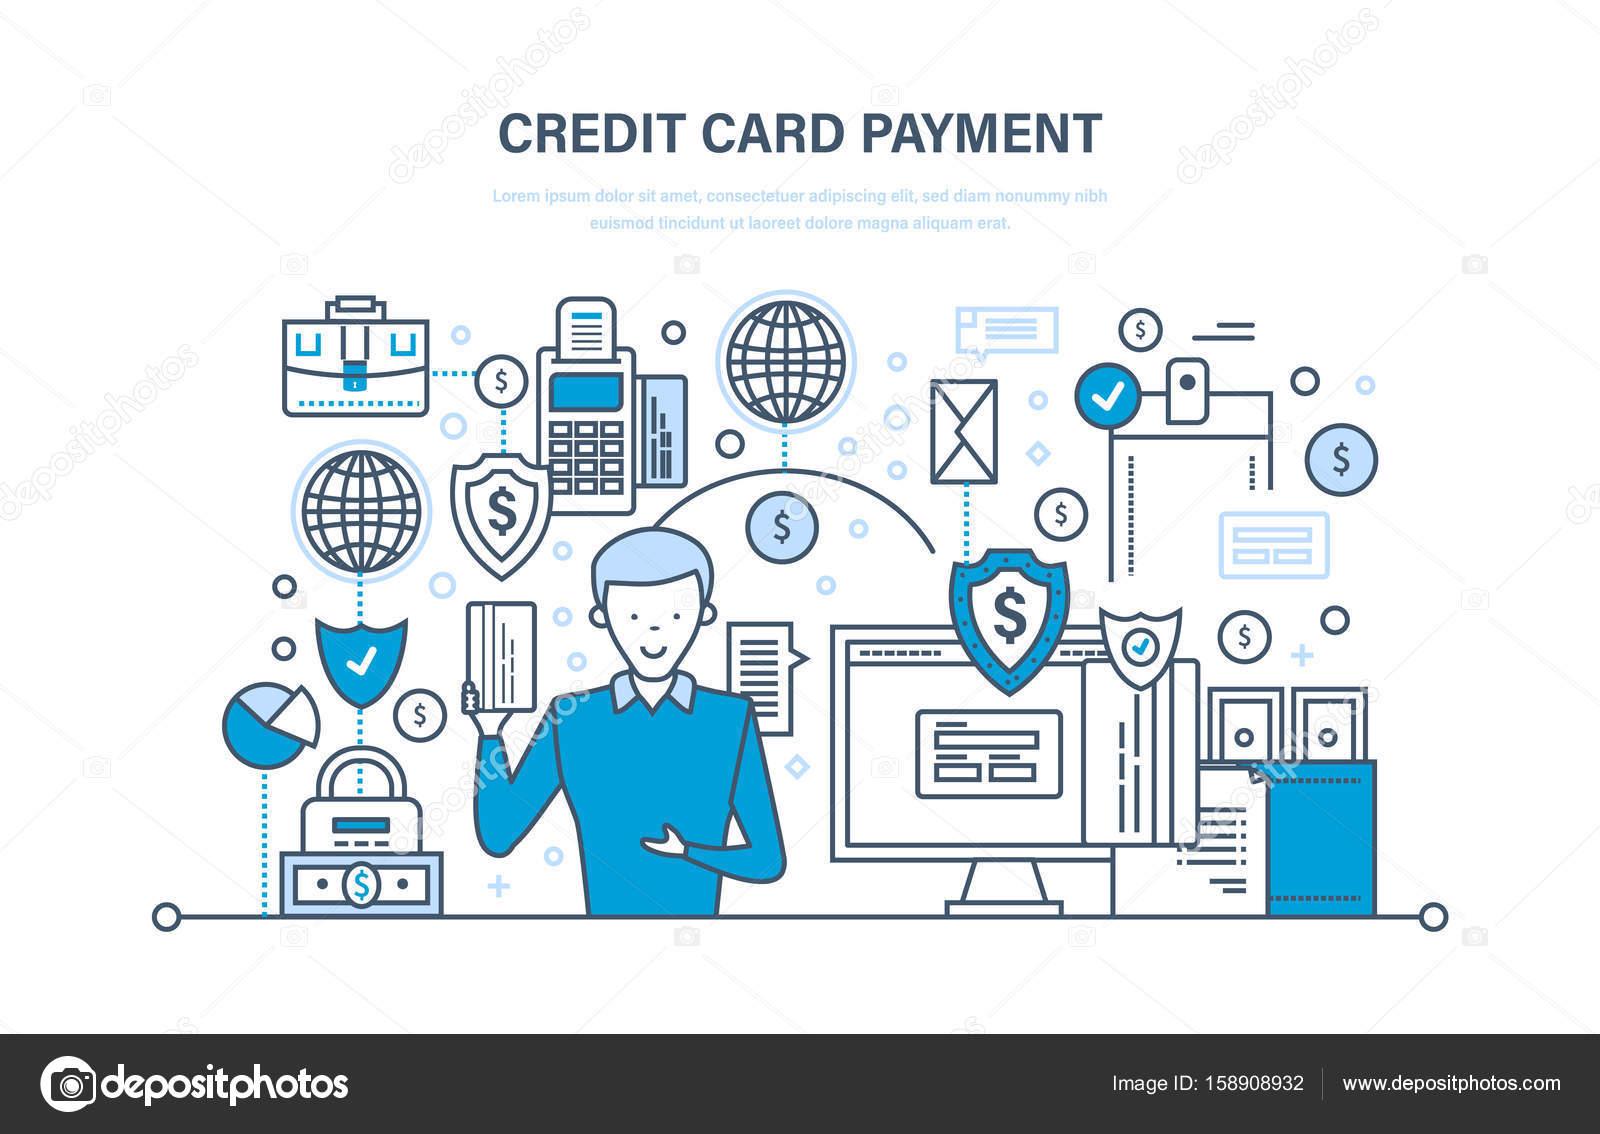 5cba94aa25 Zahlung per Kreditkarte, sichere Transaktionen, Wirtschaft, Finanzen, Bank,  Banken, Einlagensicherung, Geldüberweisungen. Abbildung dünne Liniendesign  des ...